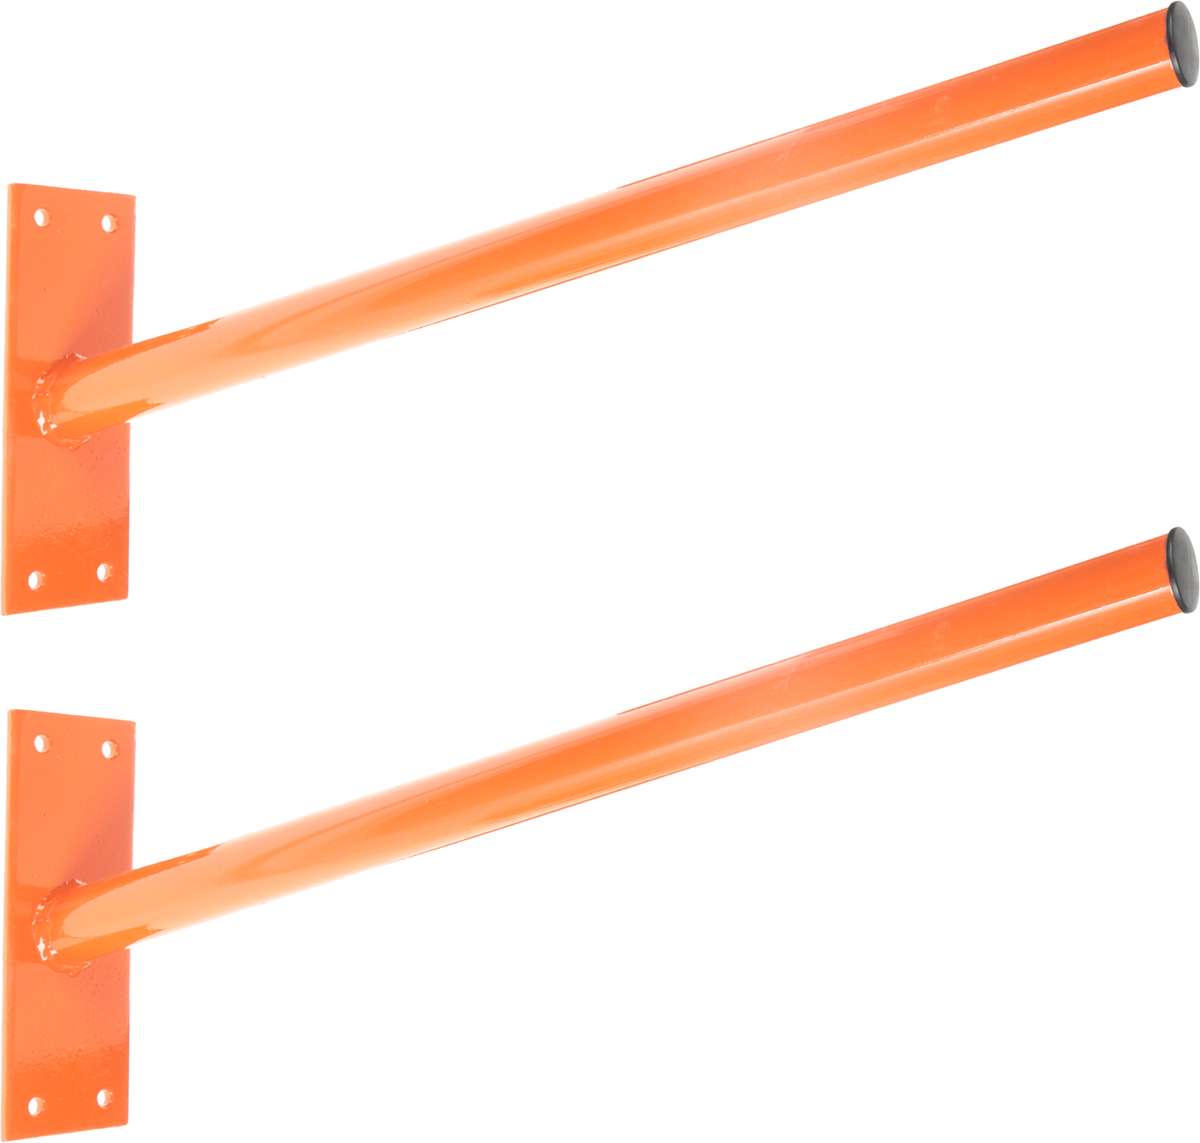 Кронштейны для хранения колес МастерПрофАС.050001Кронштейны подходят к любым колесам, с минимальным диаметром центрального отверстия в диске 38 мм.Имеют наклон, поэтому ваши колеса, под своим весом, упираются в стену.Легко монтируются на стене гаража или магазина.Позволяют освободить пространство на полу помещения.Подходят для хранения длинномеров (труб, досок), велосипедов и прочегоРазмер упаковки 59х25,5х8,5 см.Вес упаковки 2,83 кг.